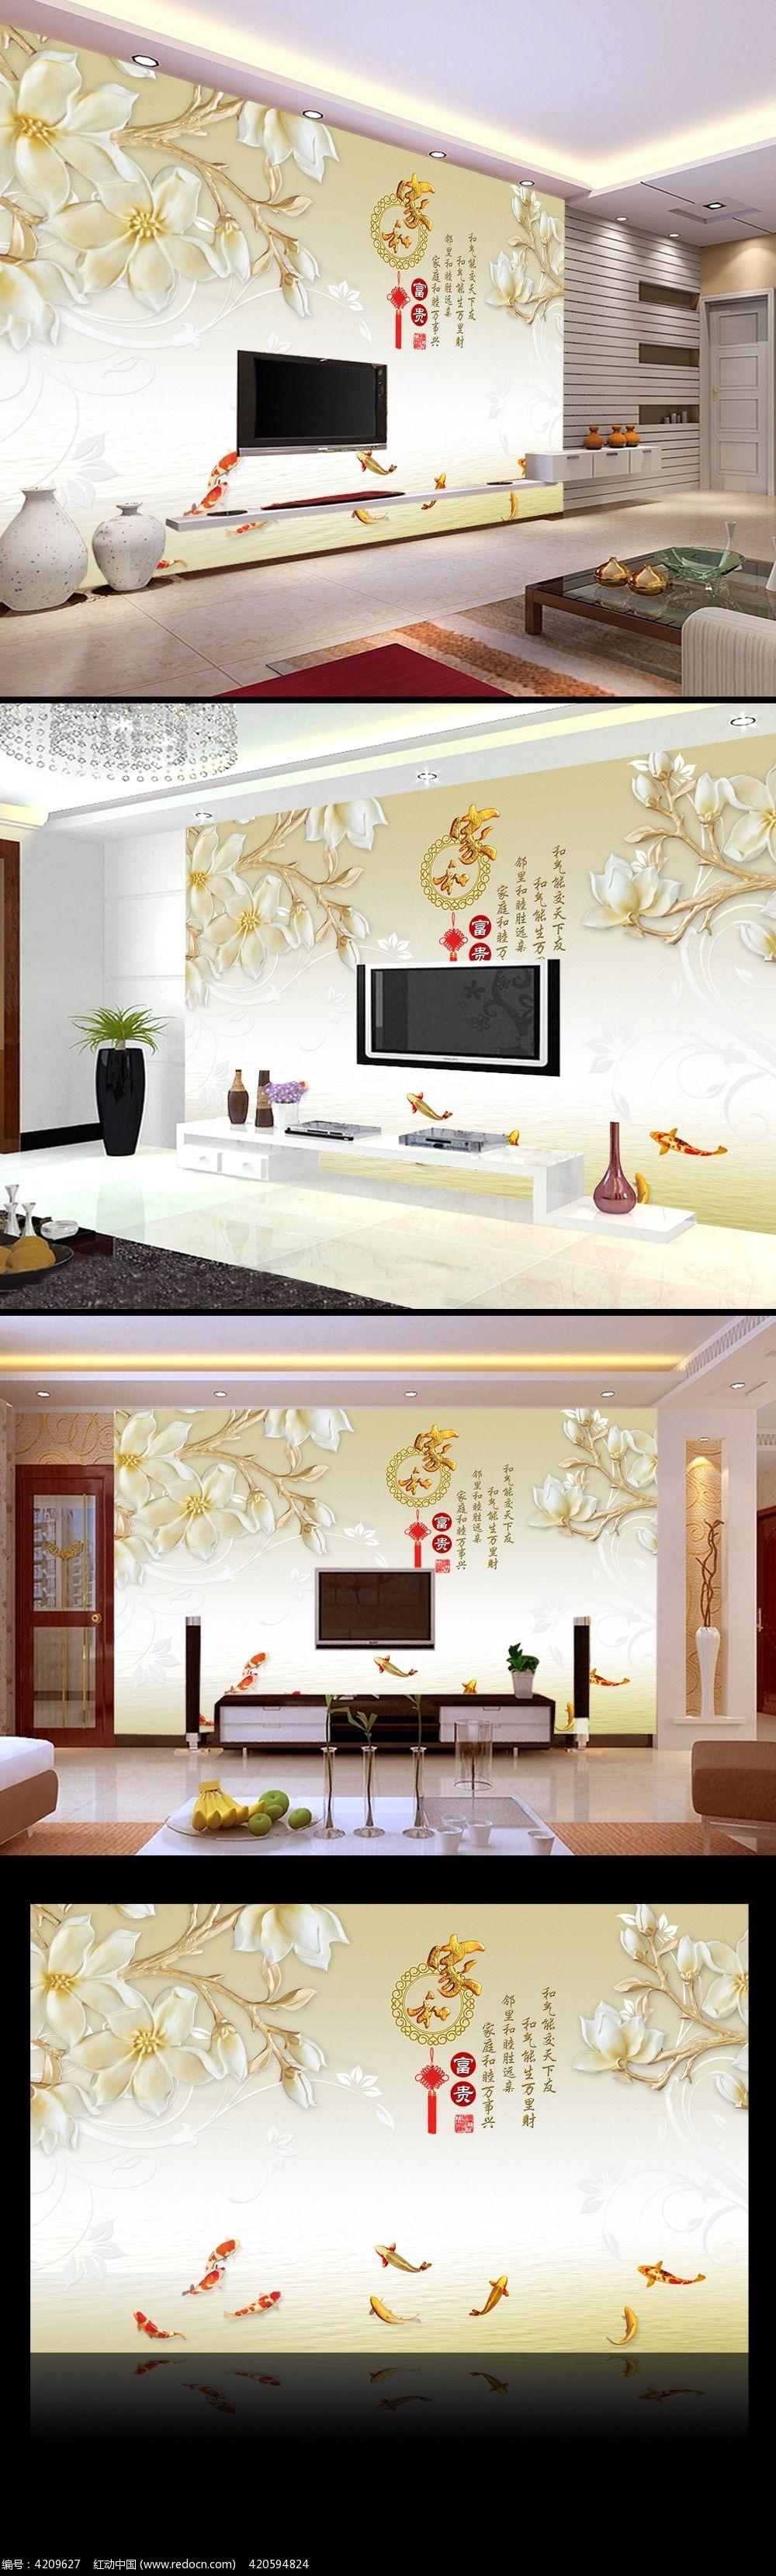 手绘电视背景墙 玻璃电视背景墙